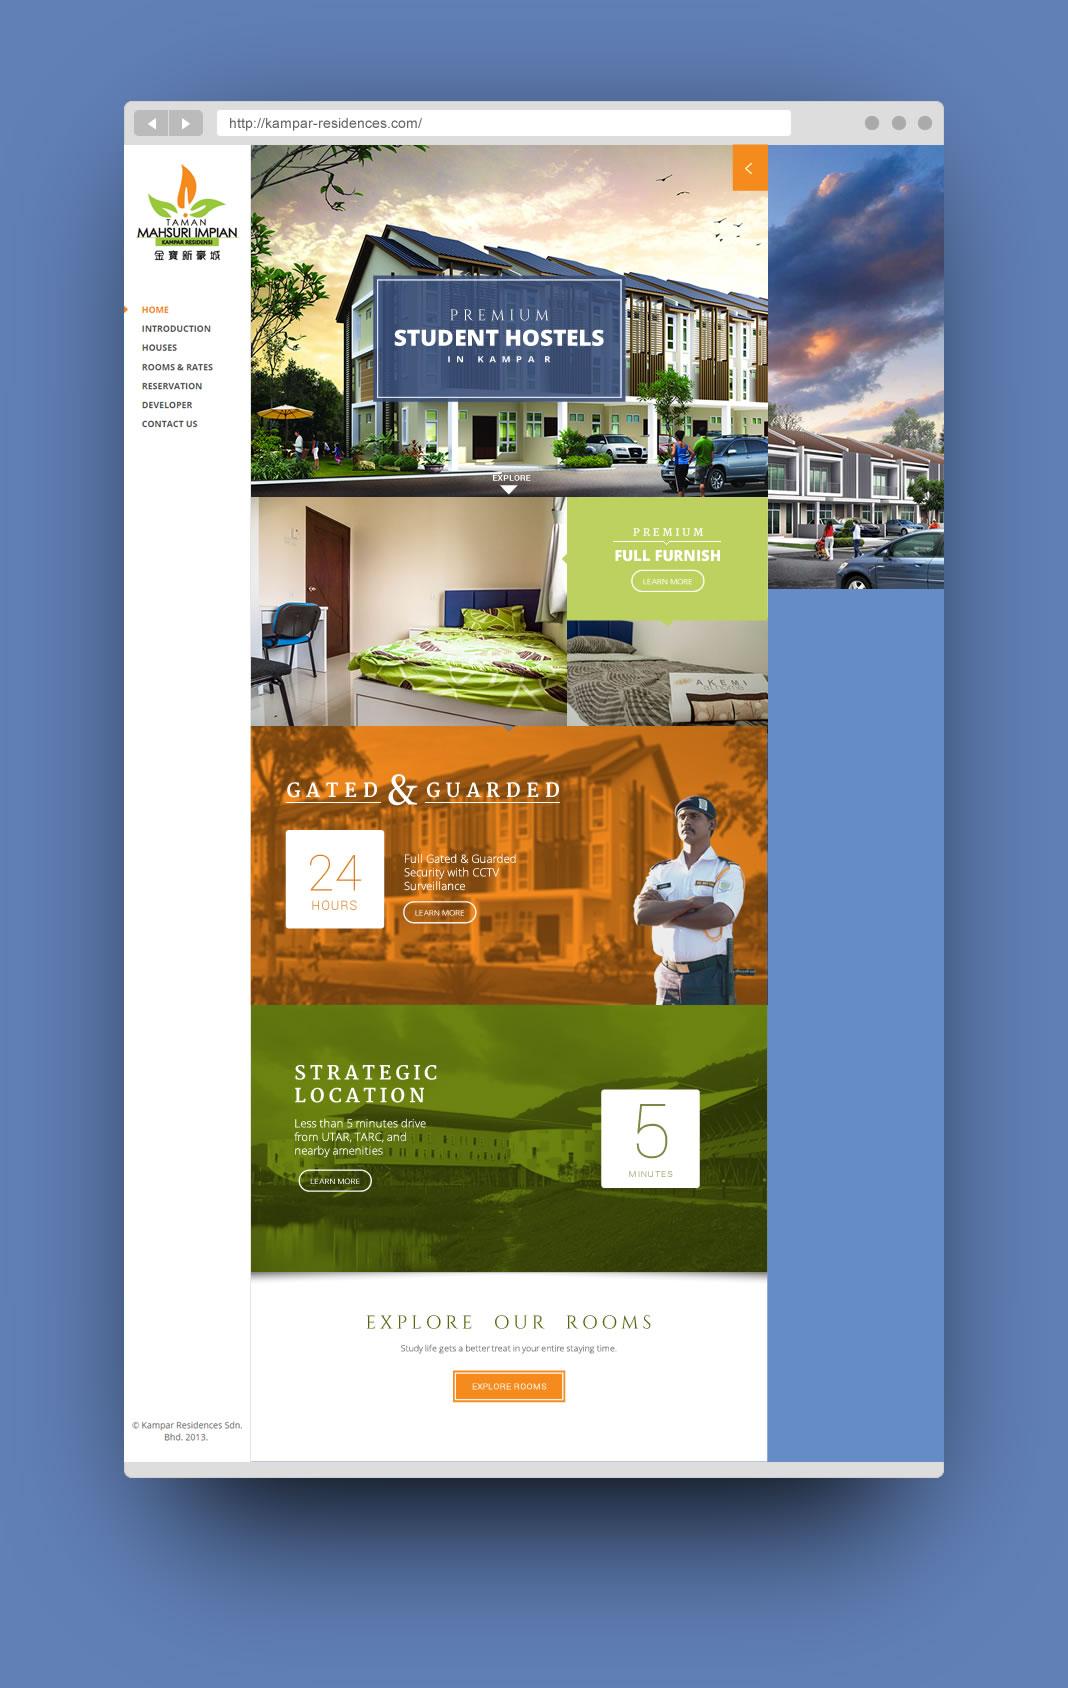 kampar hostel website design